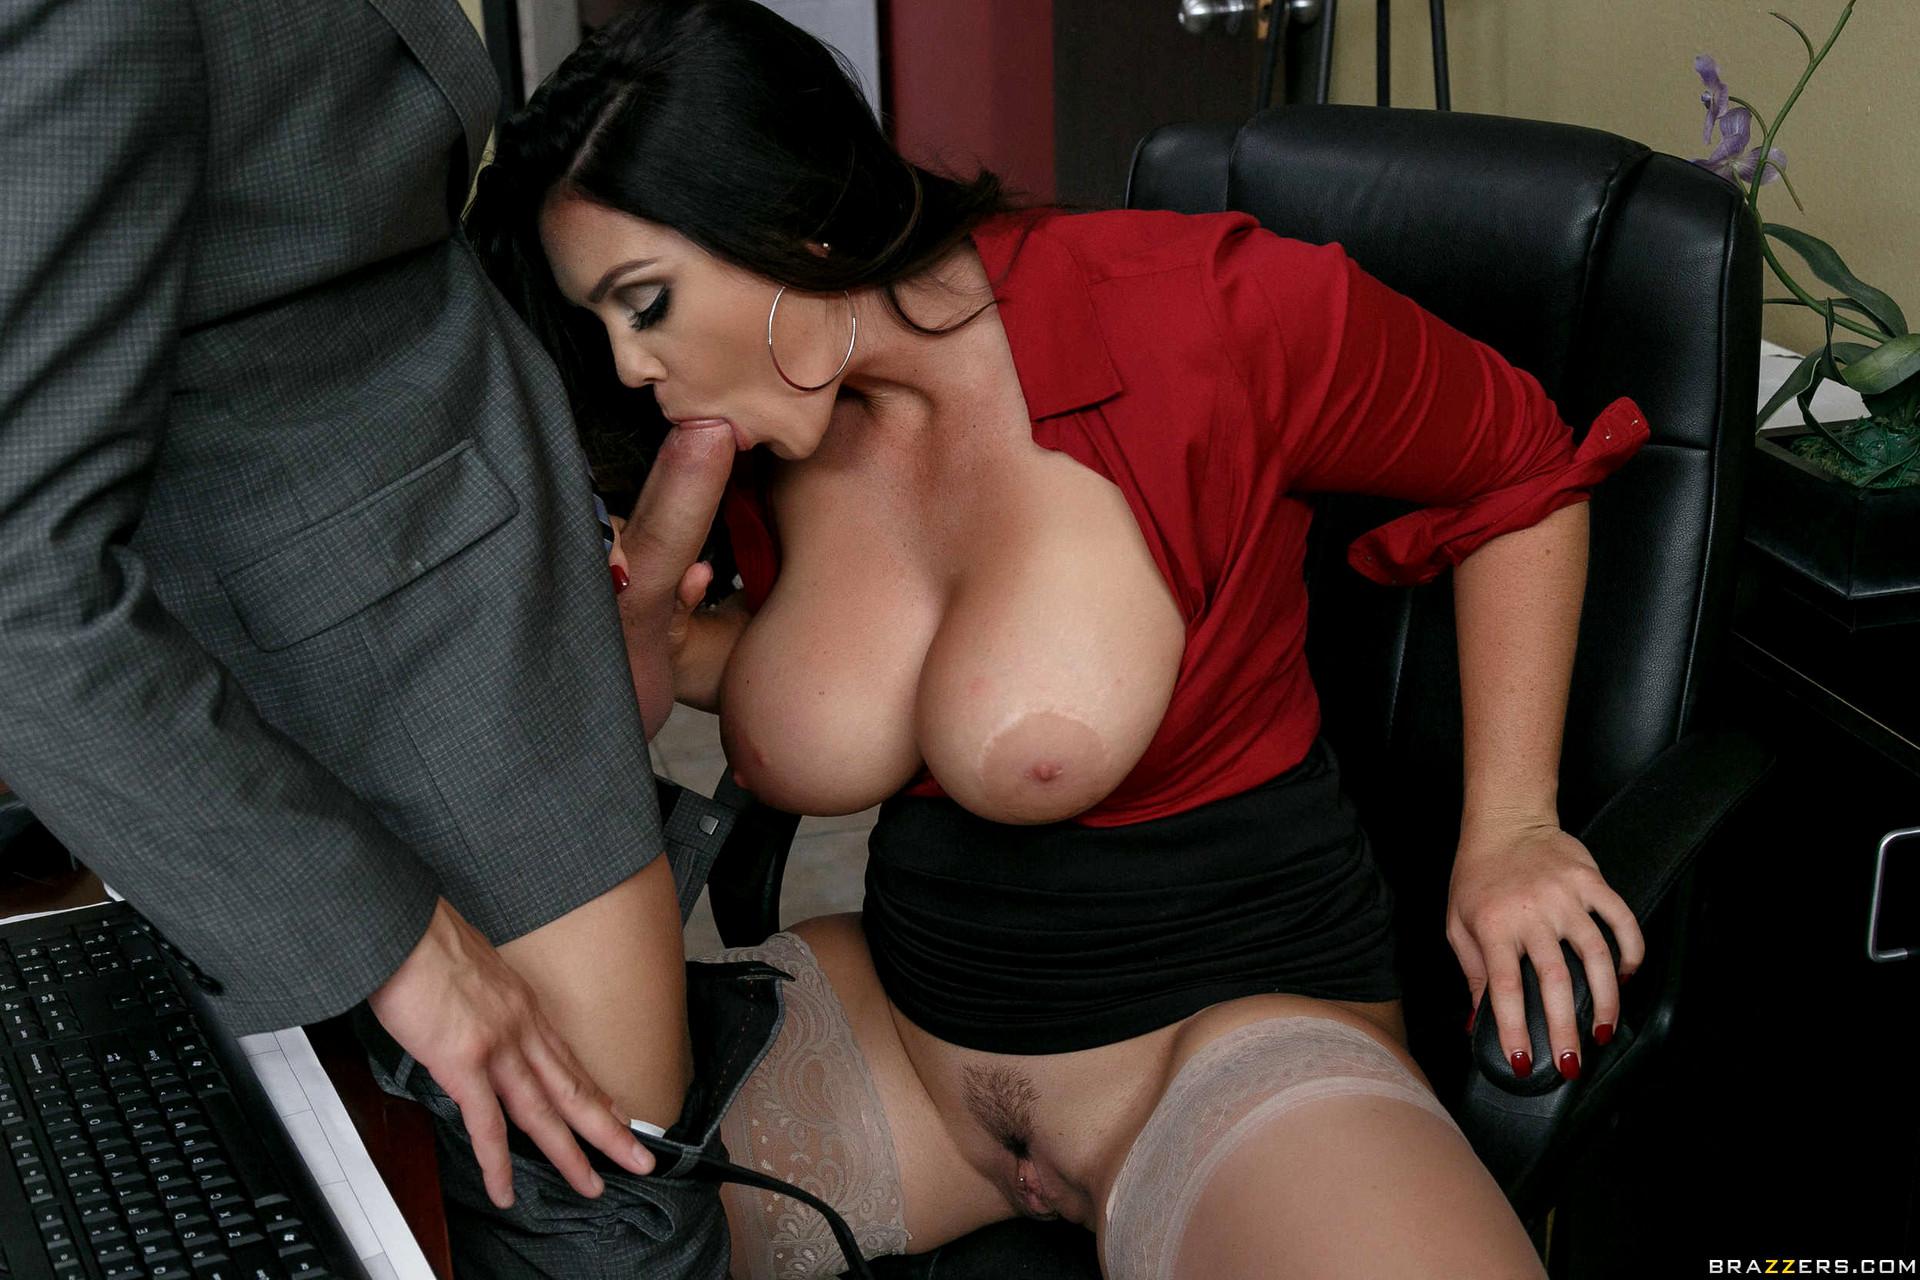 Онлайн порно видео грудастую секретаршу на двоих — img 14